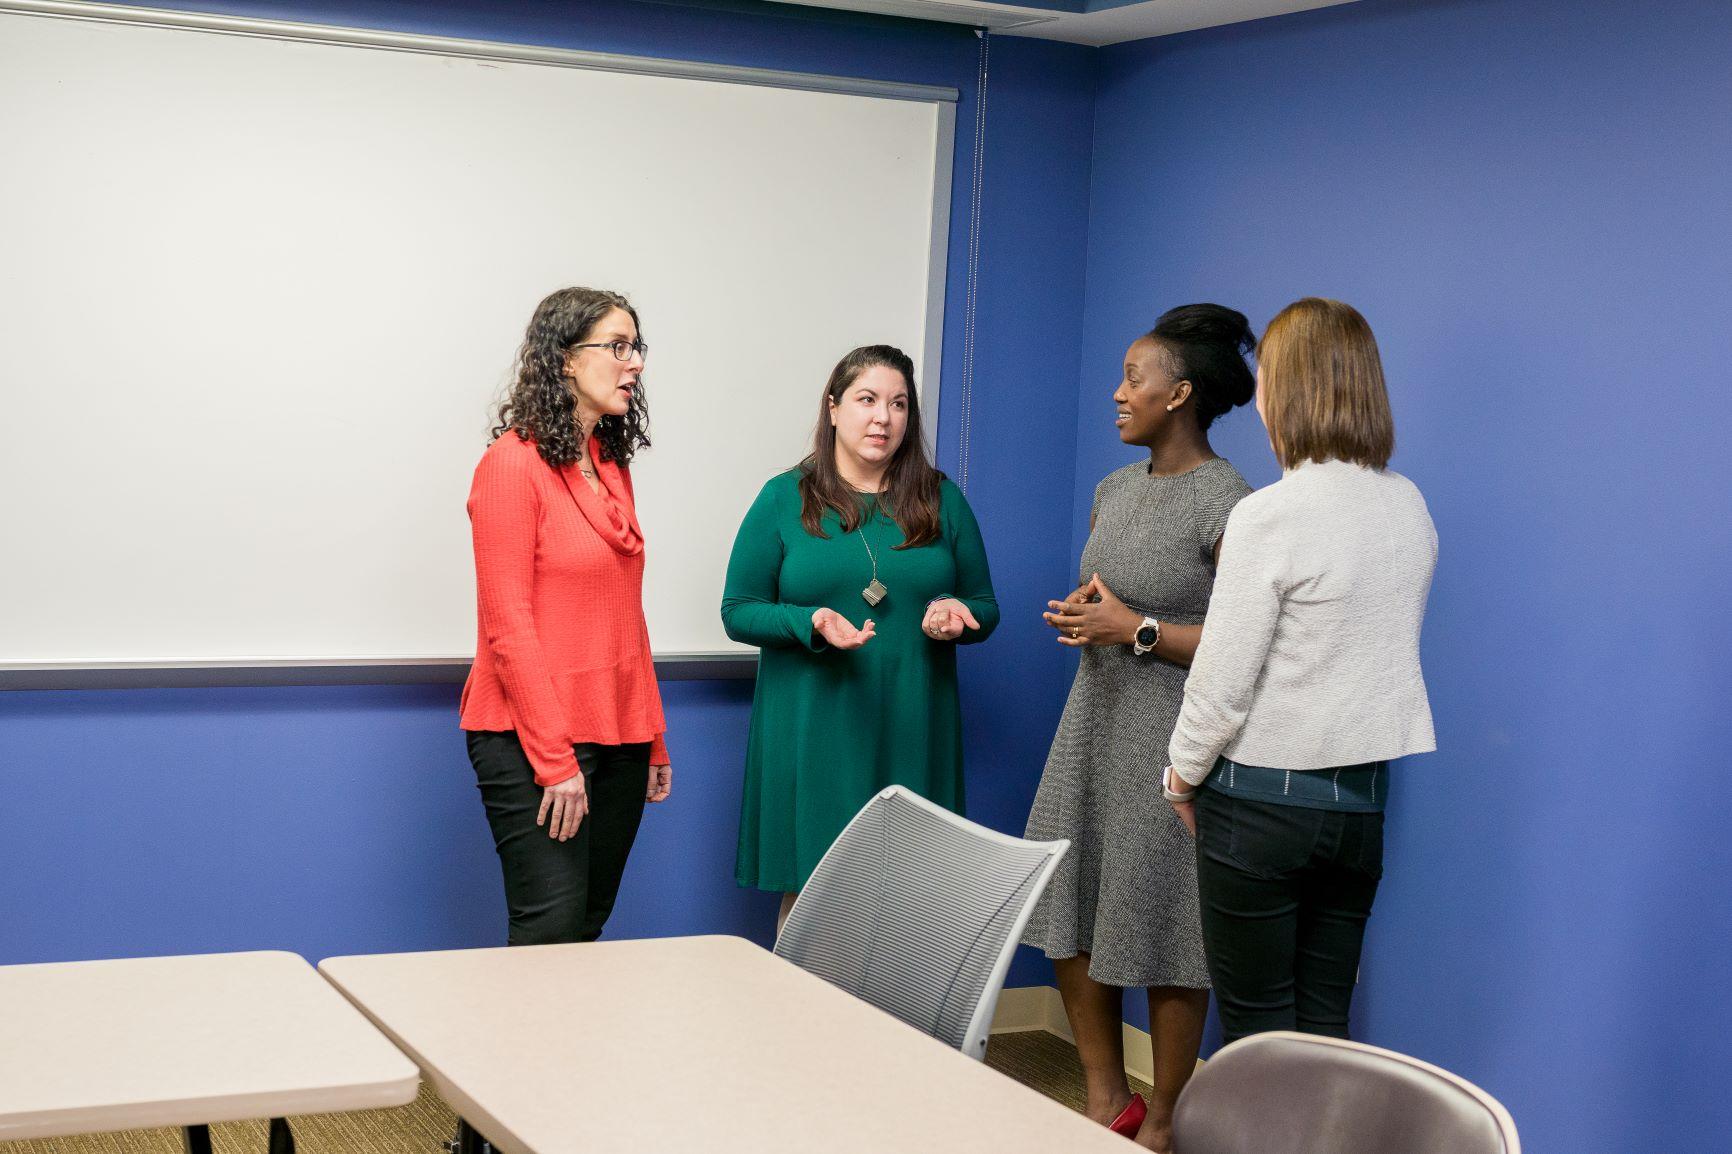 Laura Silverman, Ph.D., Leona Oakes, Ph.D., Tufikameni Brima, Ph.D., and Emily Knight, M.D., Ph.D.